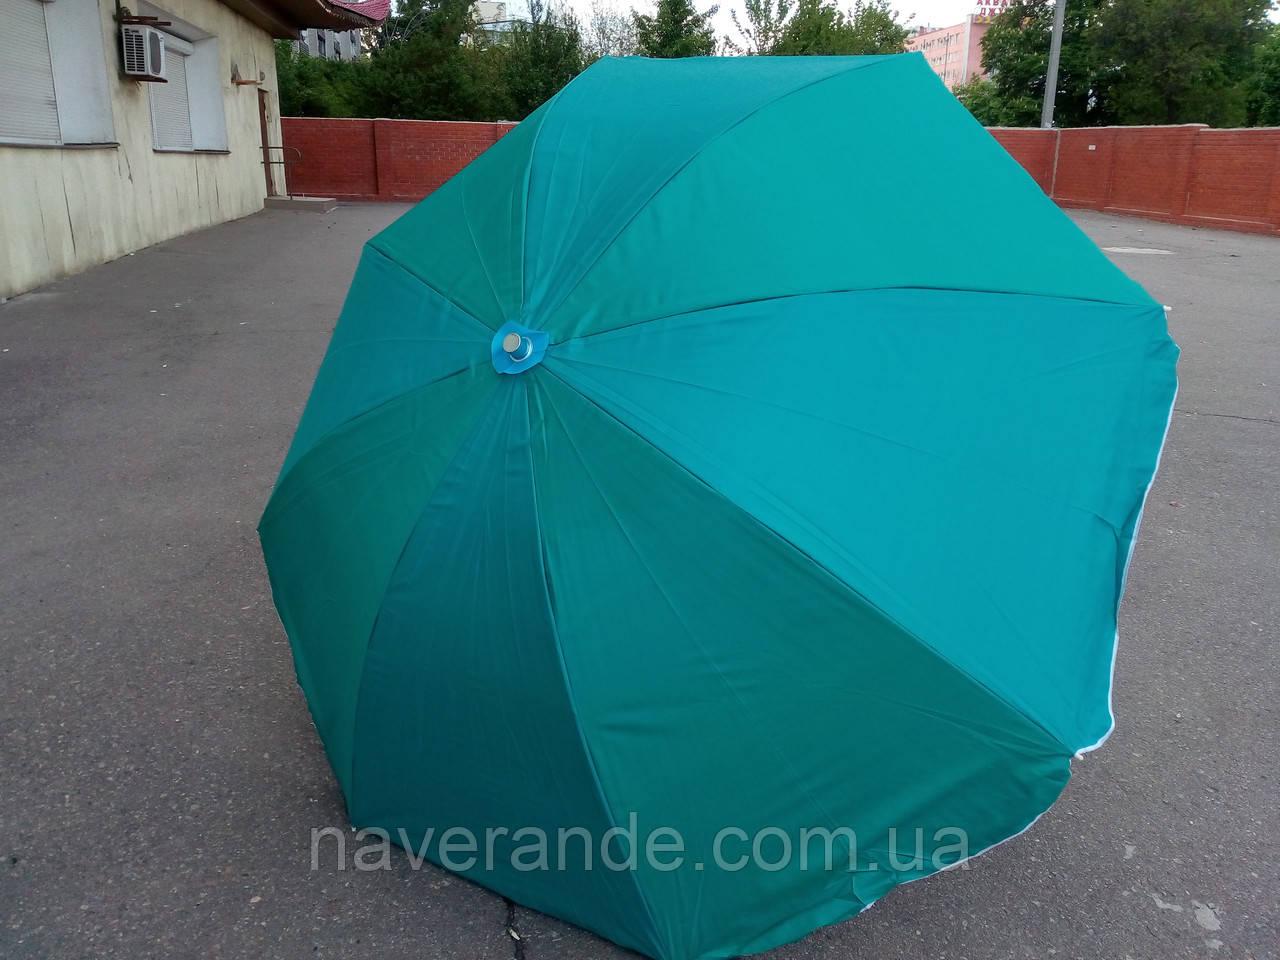 Шестигранный пляжный зонт от солнца (однотонный D 3.2 м, с клапаном)